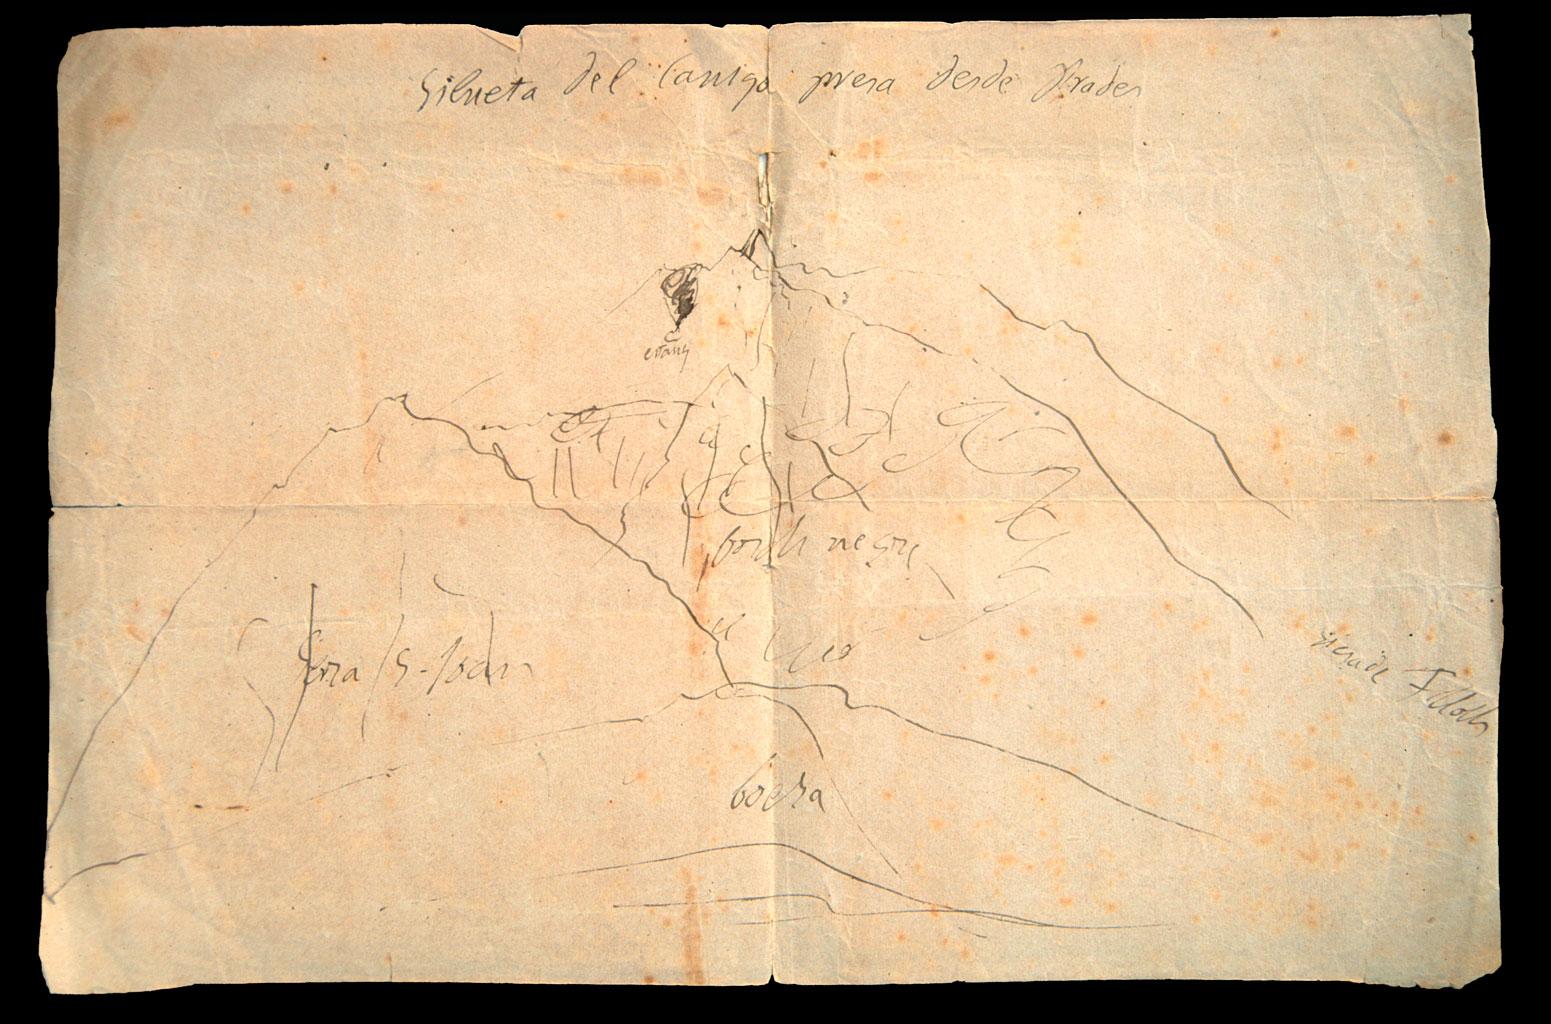 Jacint Verdaguer, Silueta del Canigó presa des de Prades, 1885